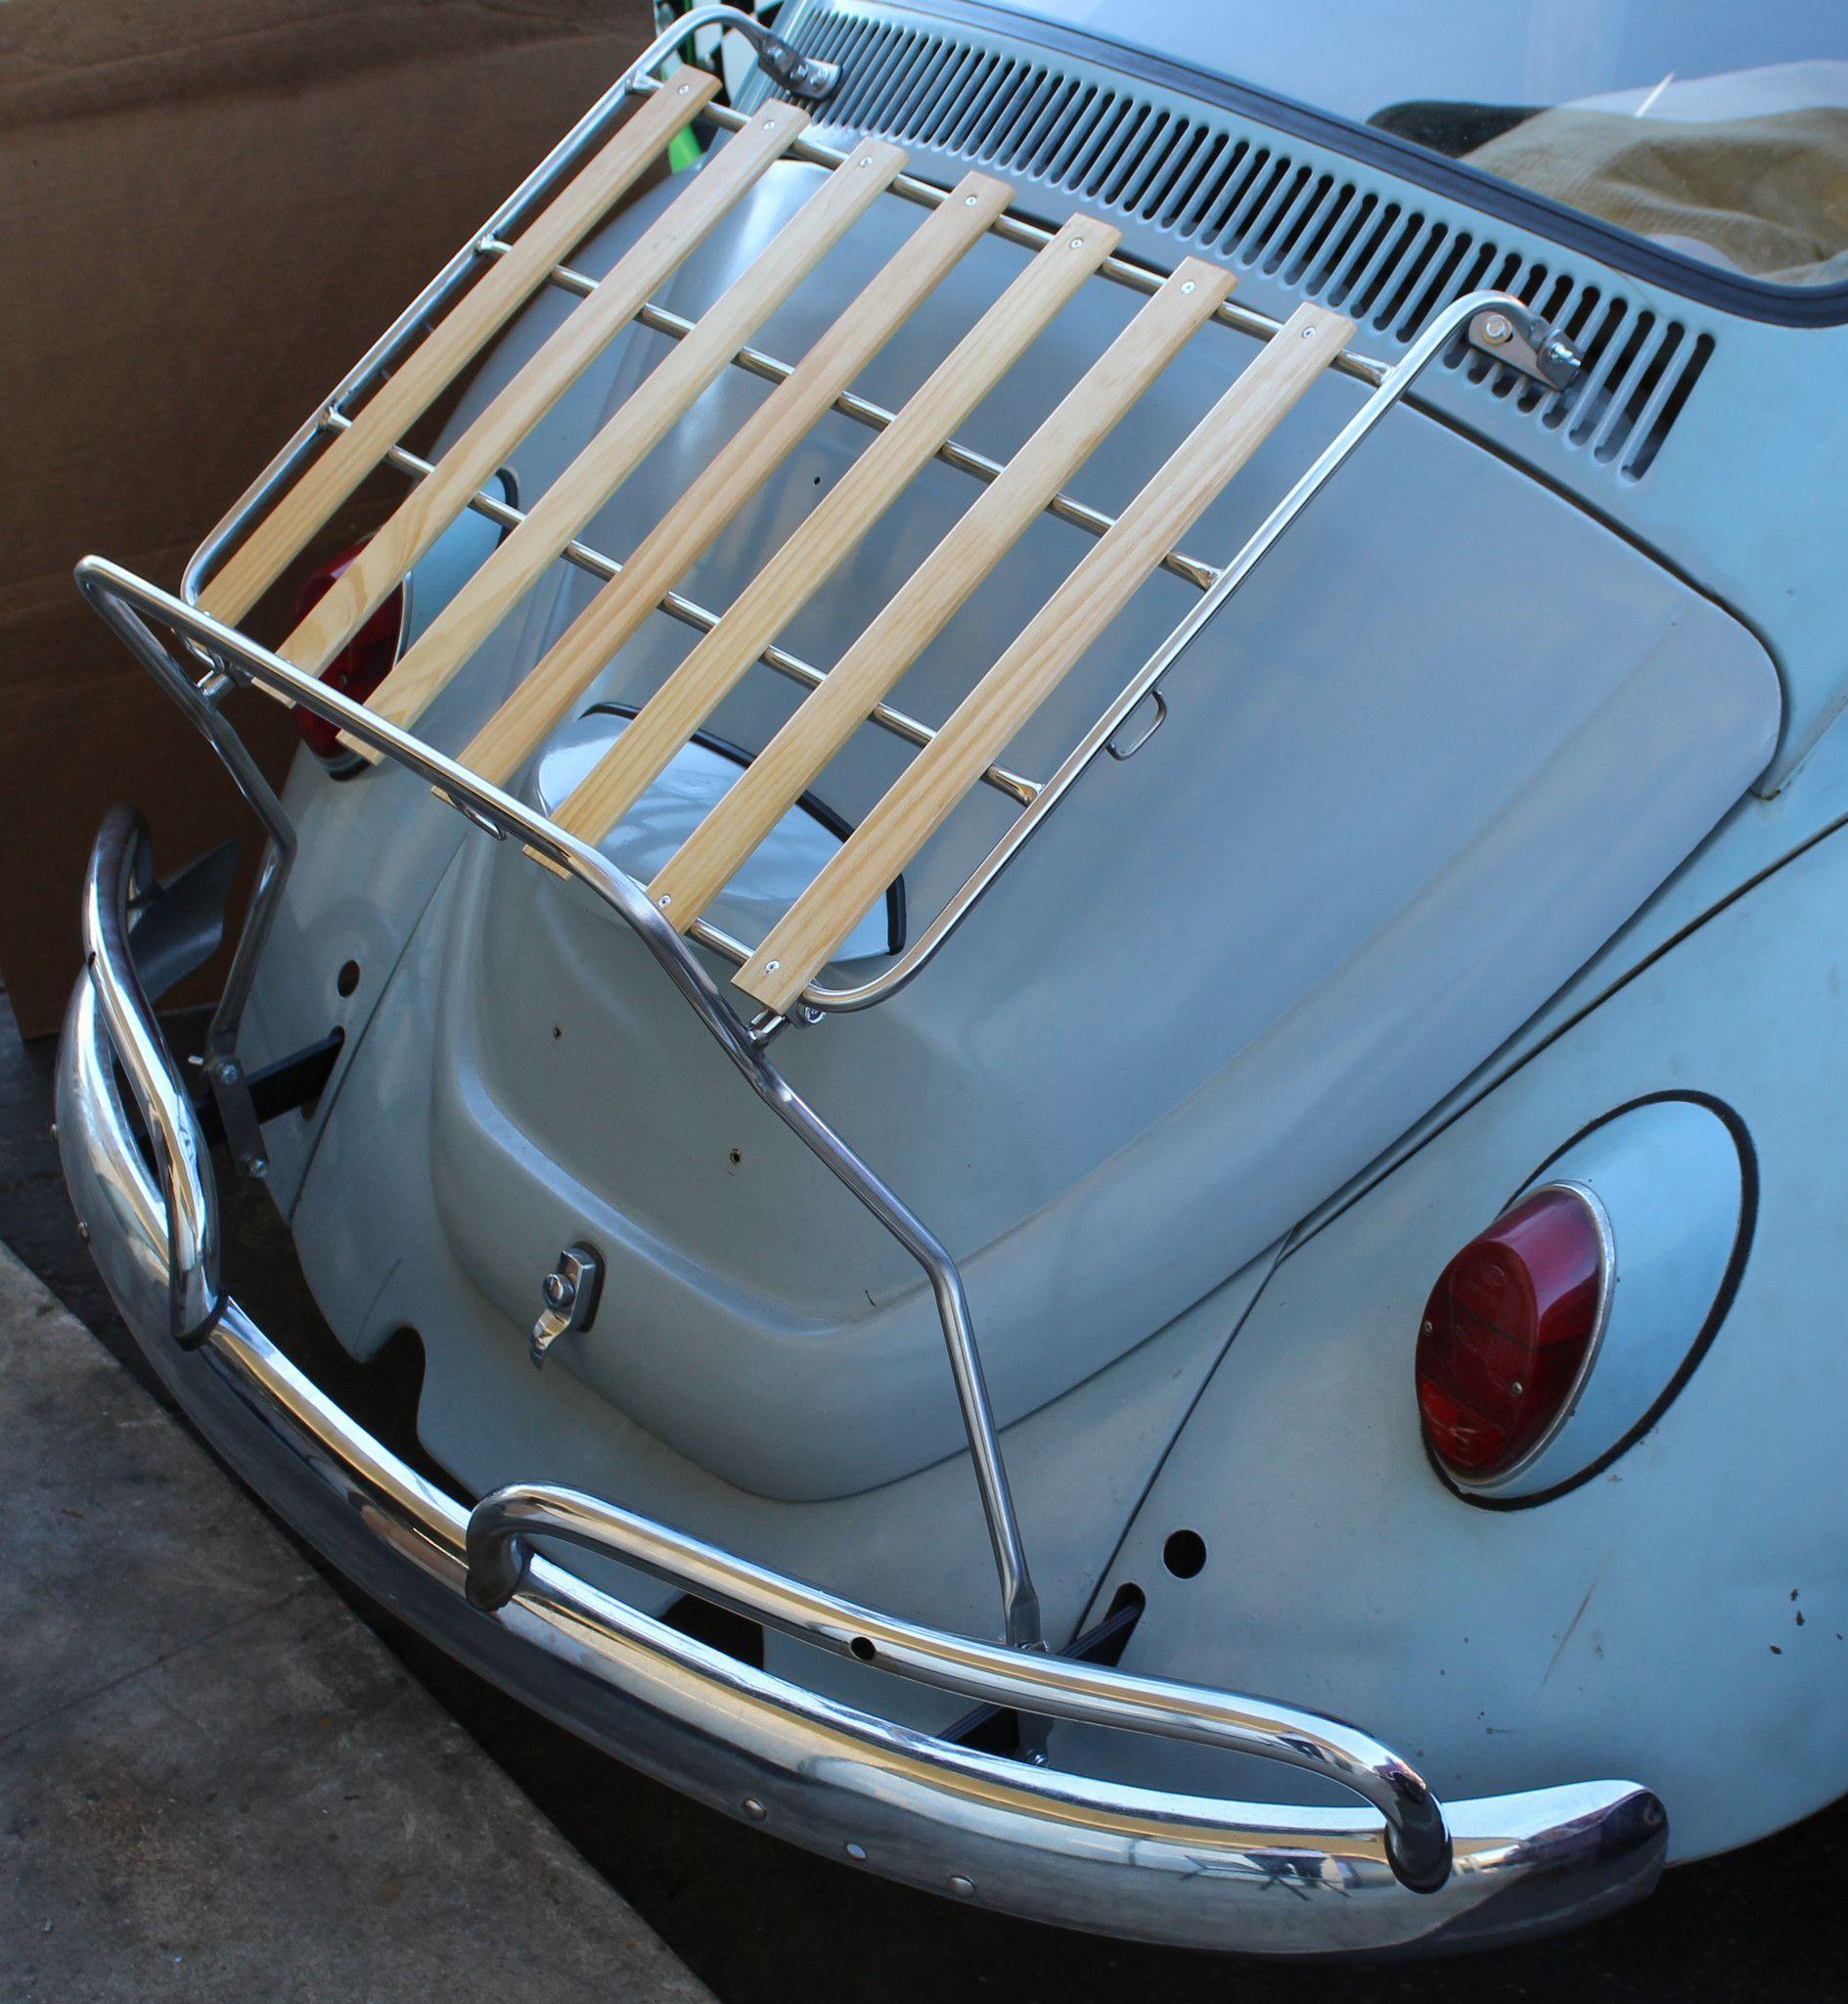 Vw Type 1 Deck Lid Rack Stainless Steel Volkswagen 181 Volkswagen Type 3 Volkswagen